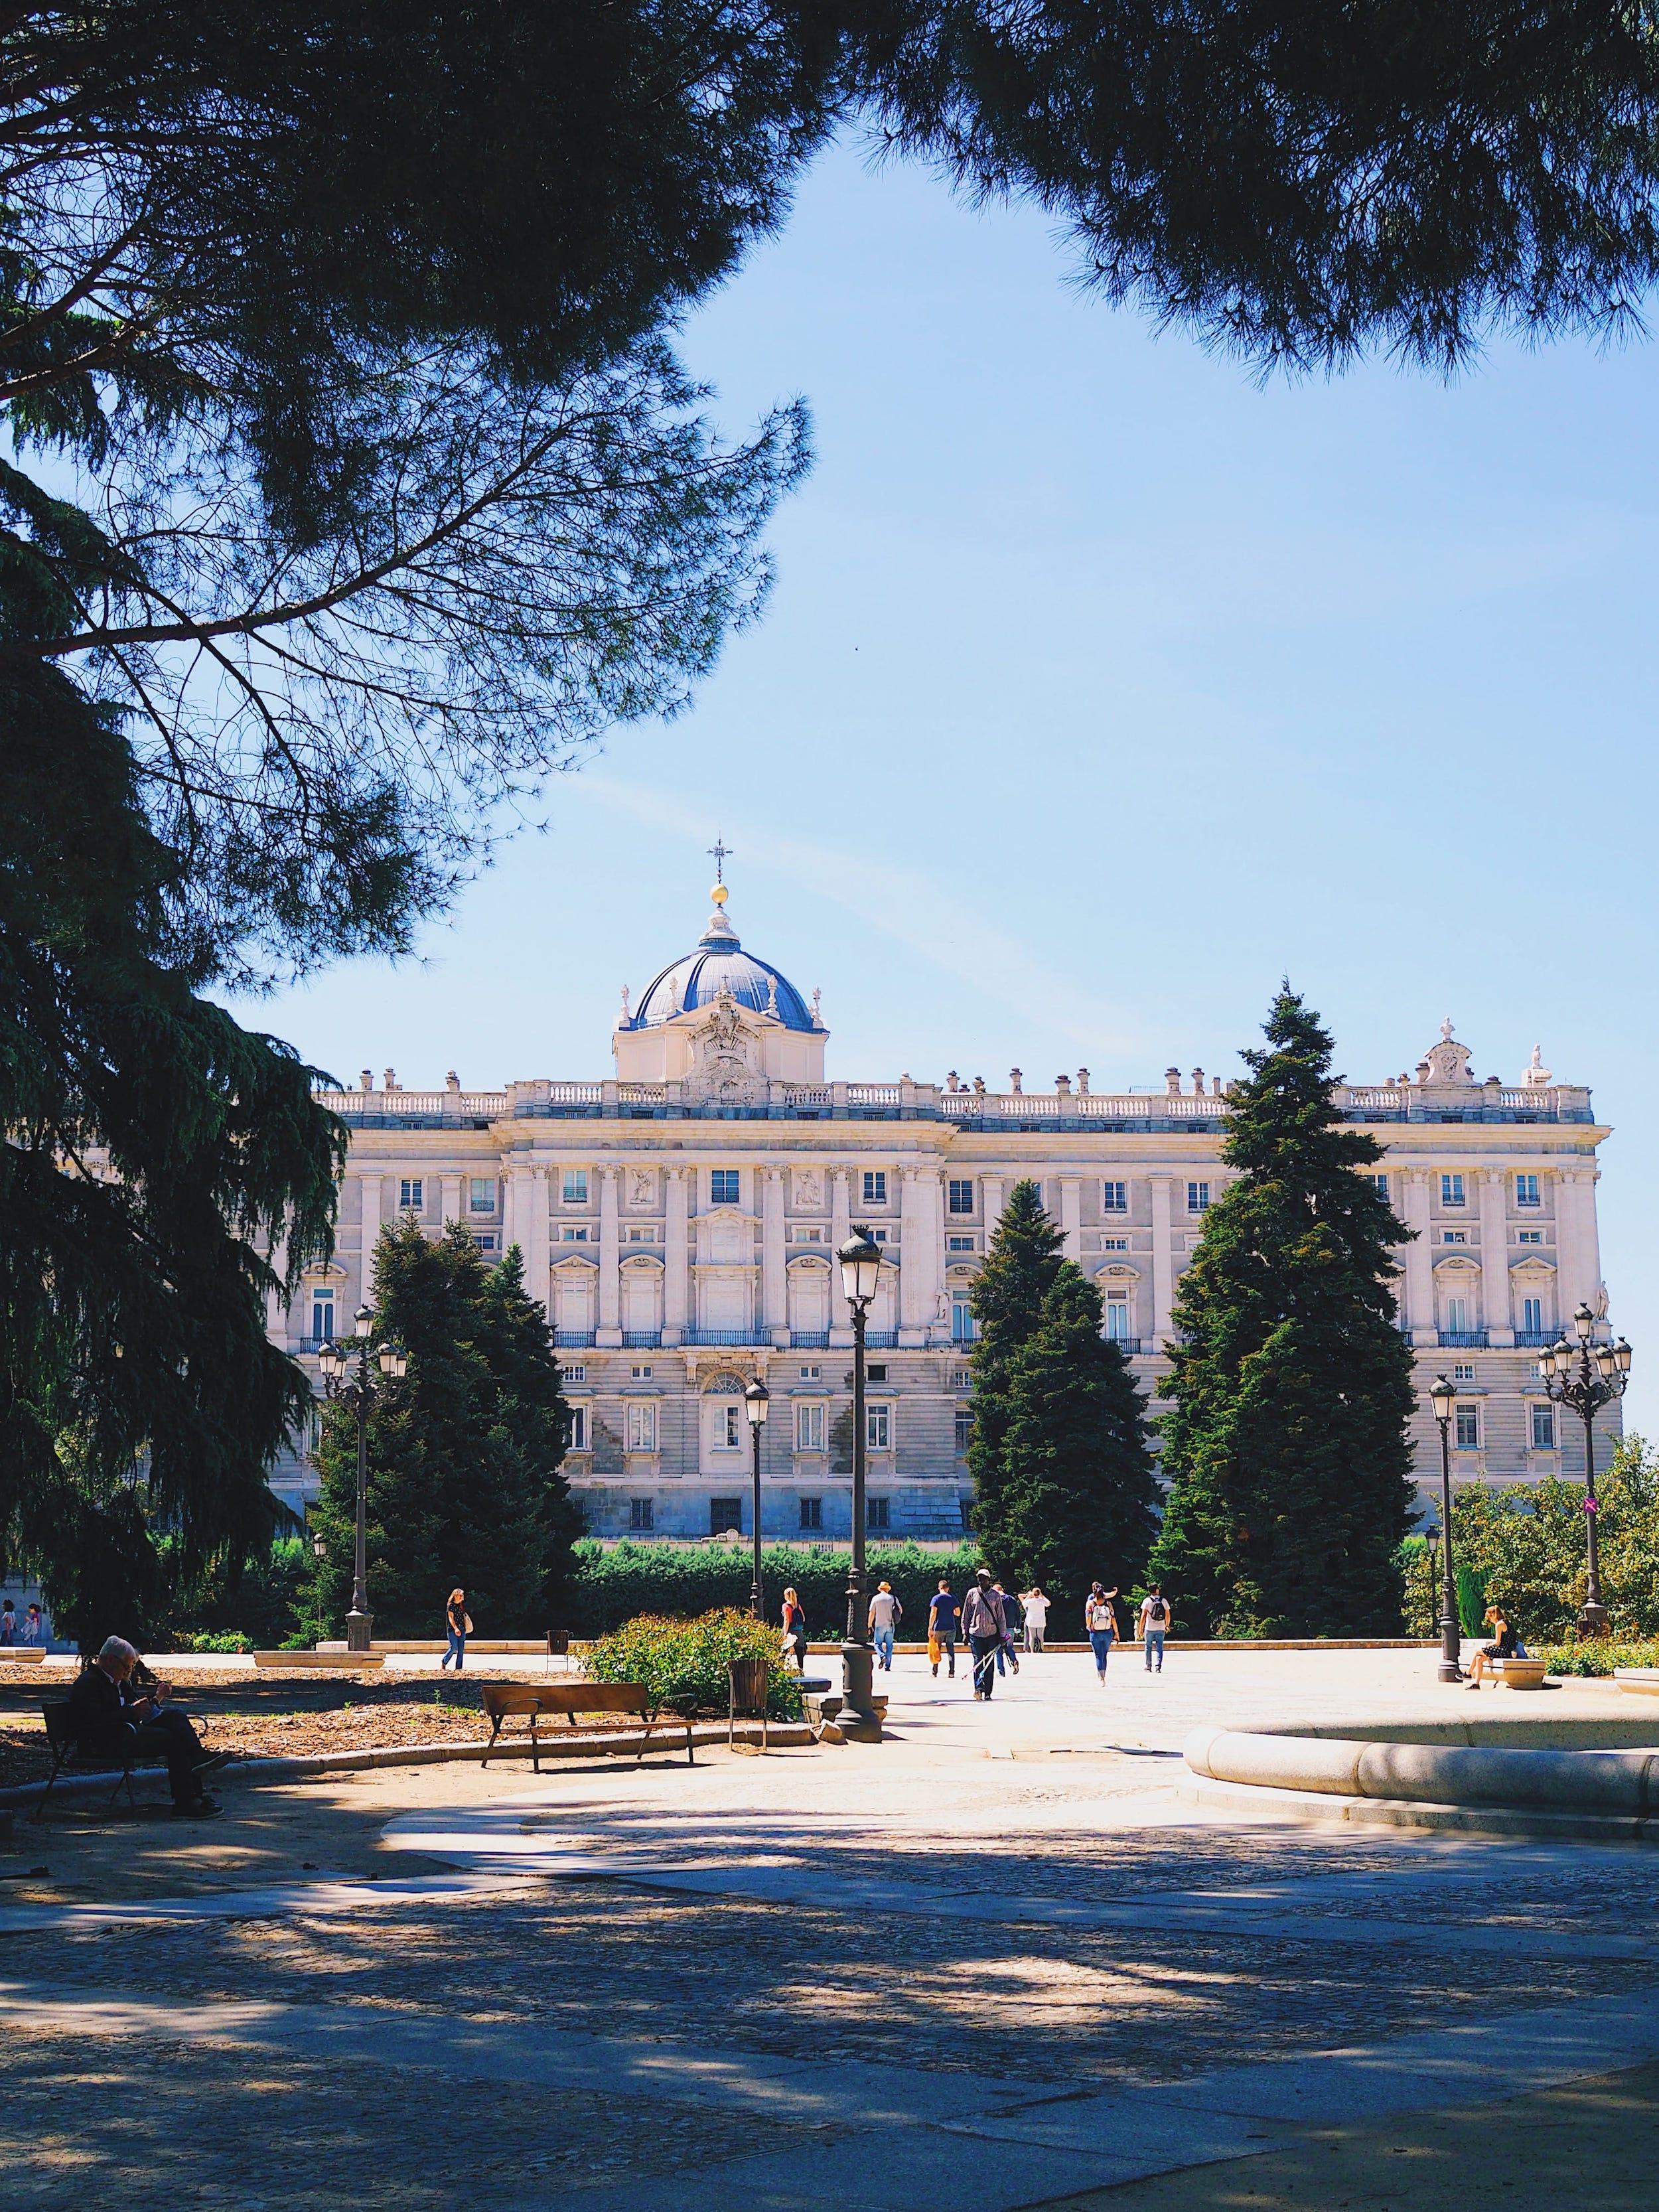 jardins-de-sabatini-madrid